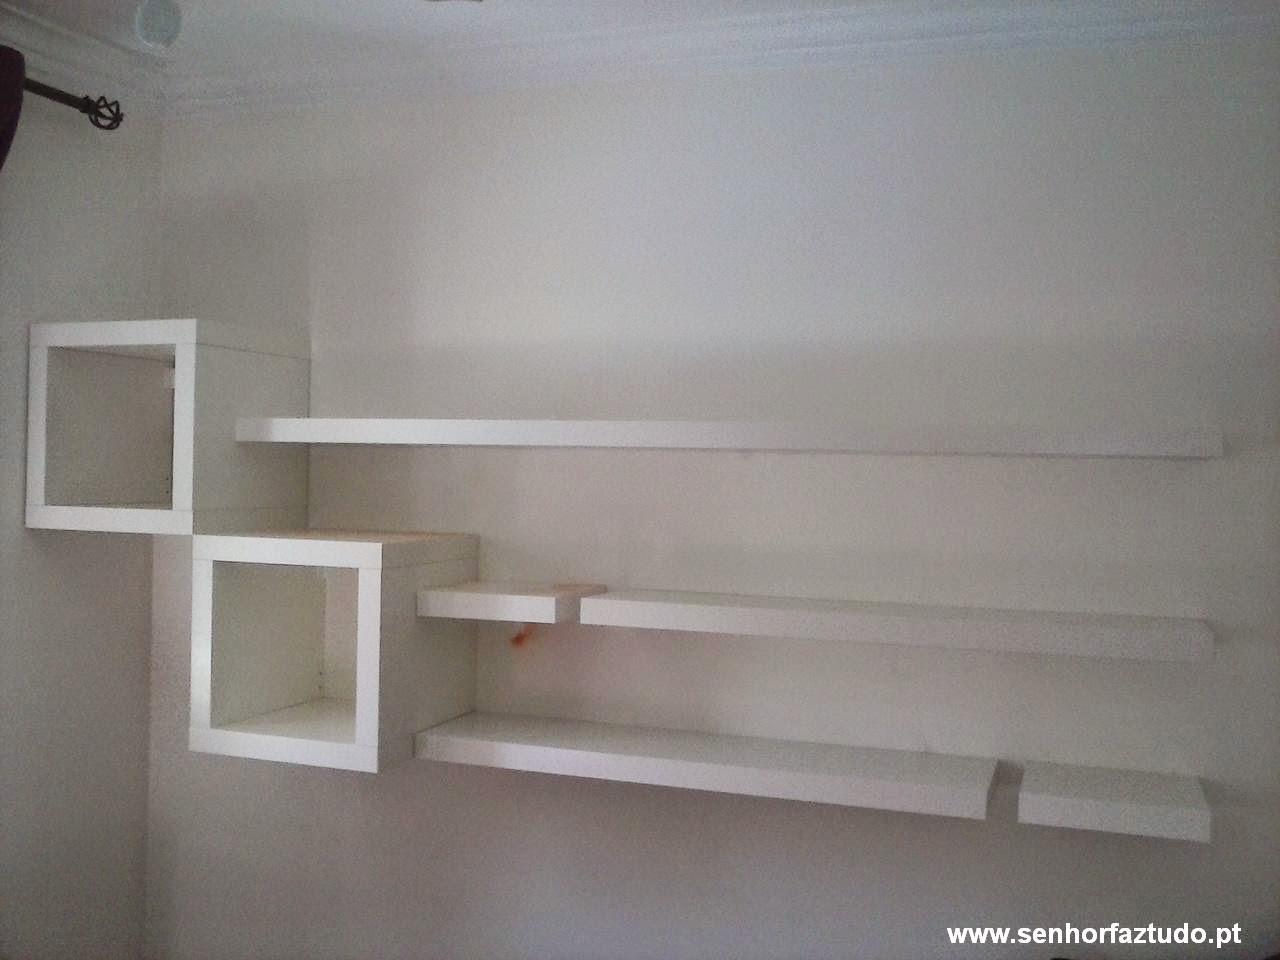 Senhor faz tudo faz tudo pelo seu lar fixa o de - Papel paredes ikea ...